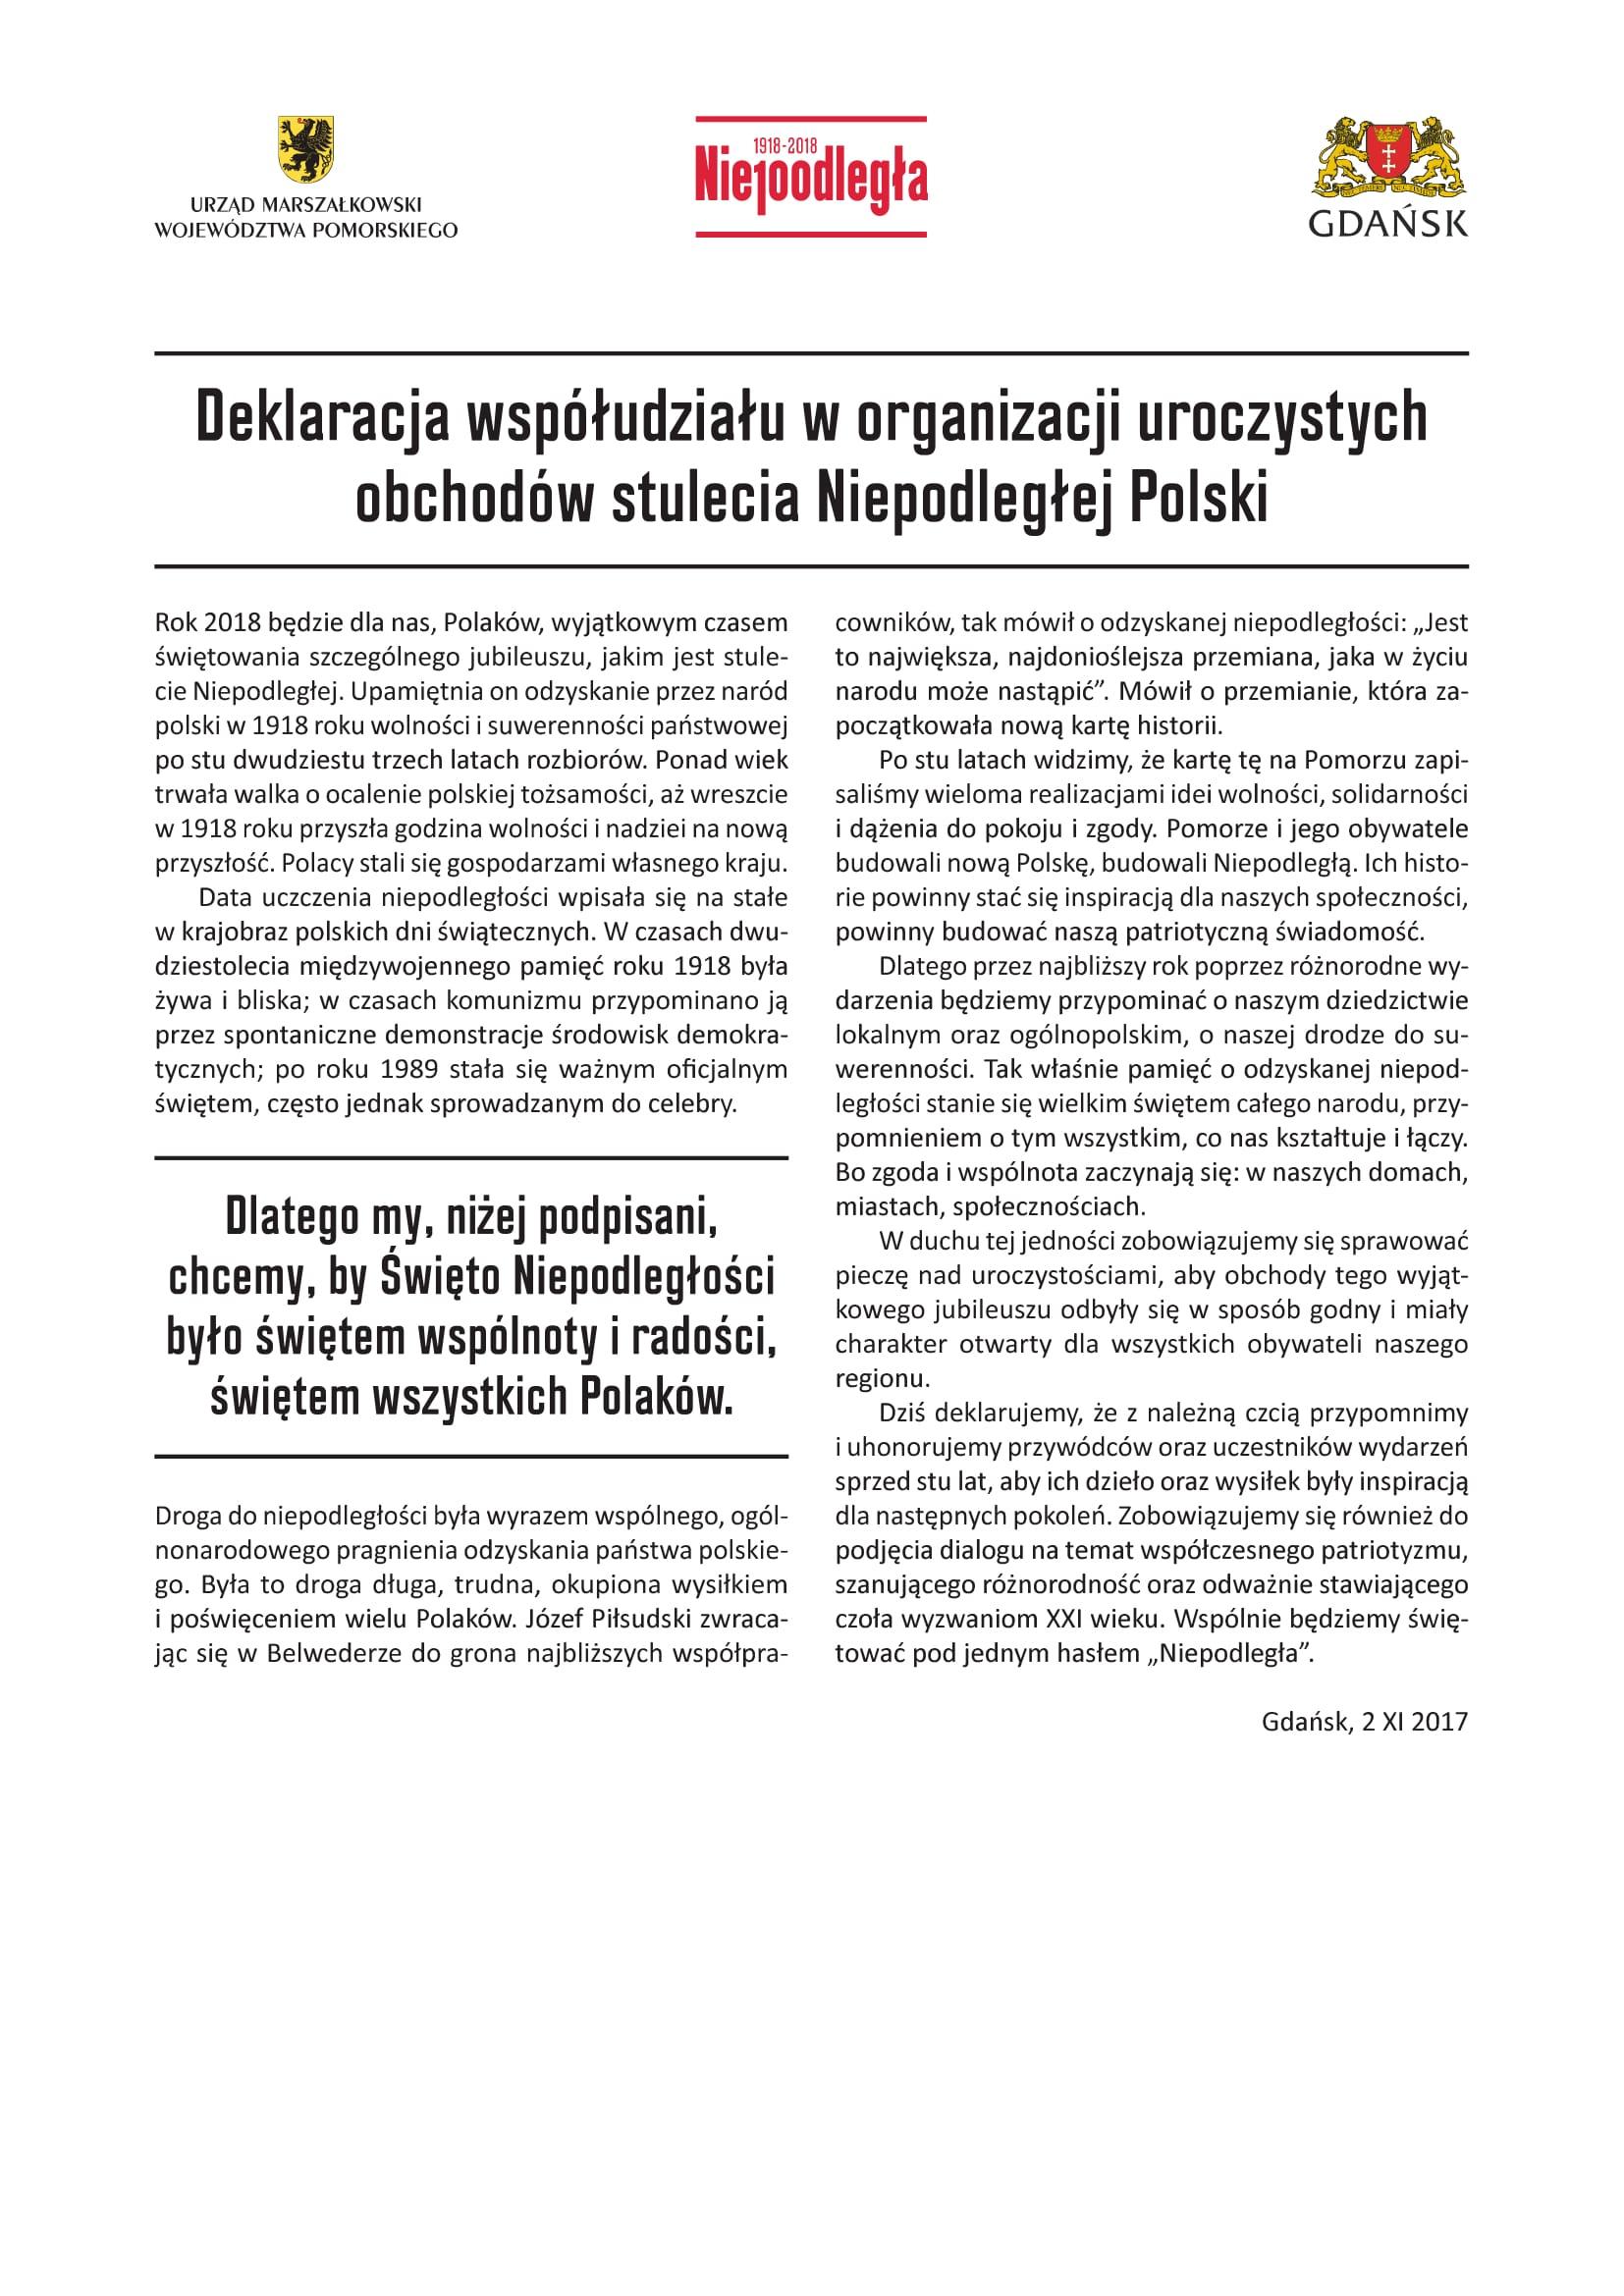 Deklaracja współudziału w organizacji uroczystych obchodów stulecia Niepodległej Polski